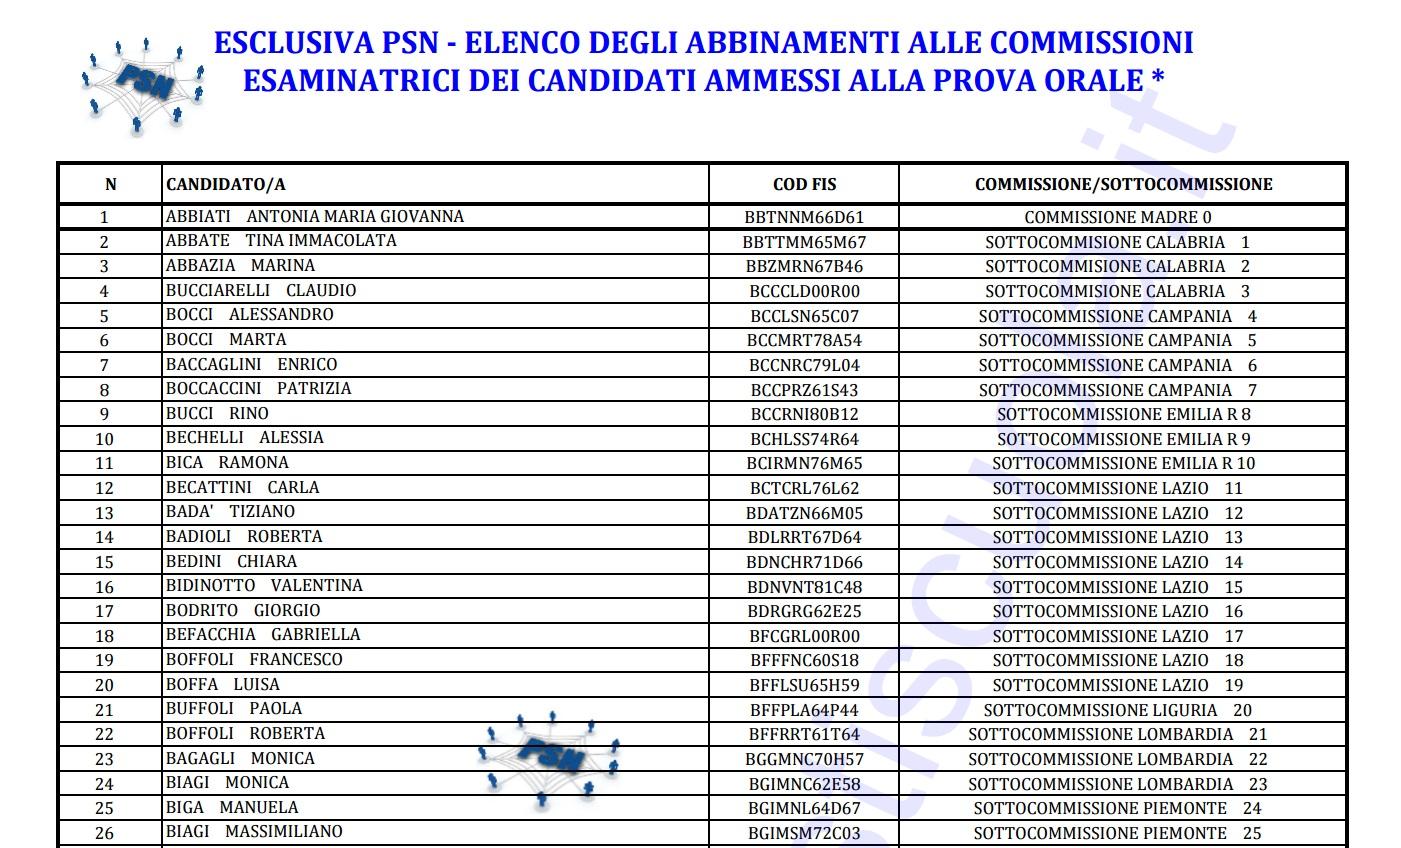 PSN Concorso DS Elenco abbinamento commissioni